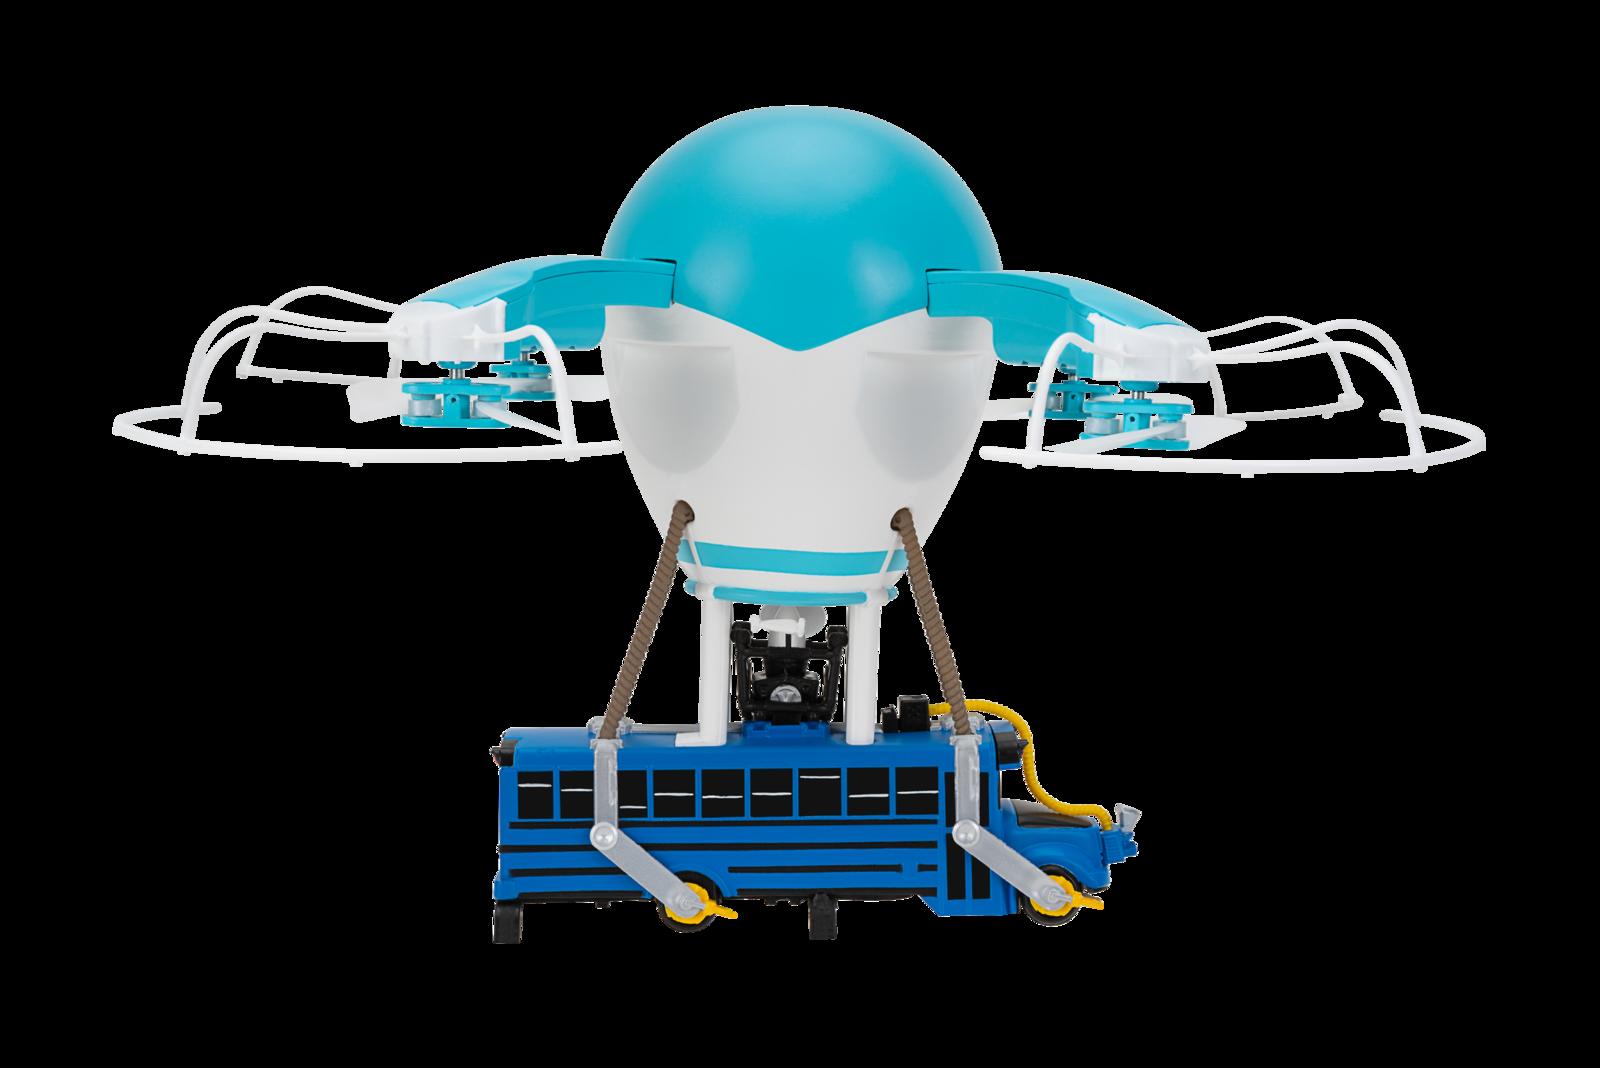 Dron wyglądający jak bus bojowy już w sprzedaży ...